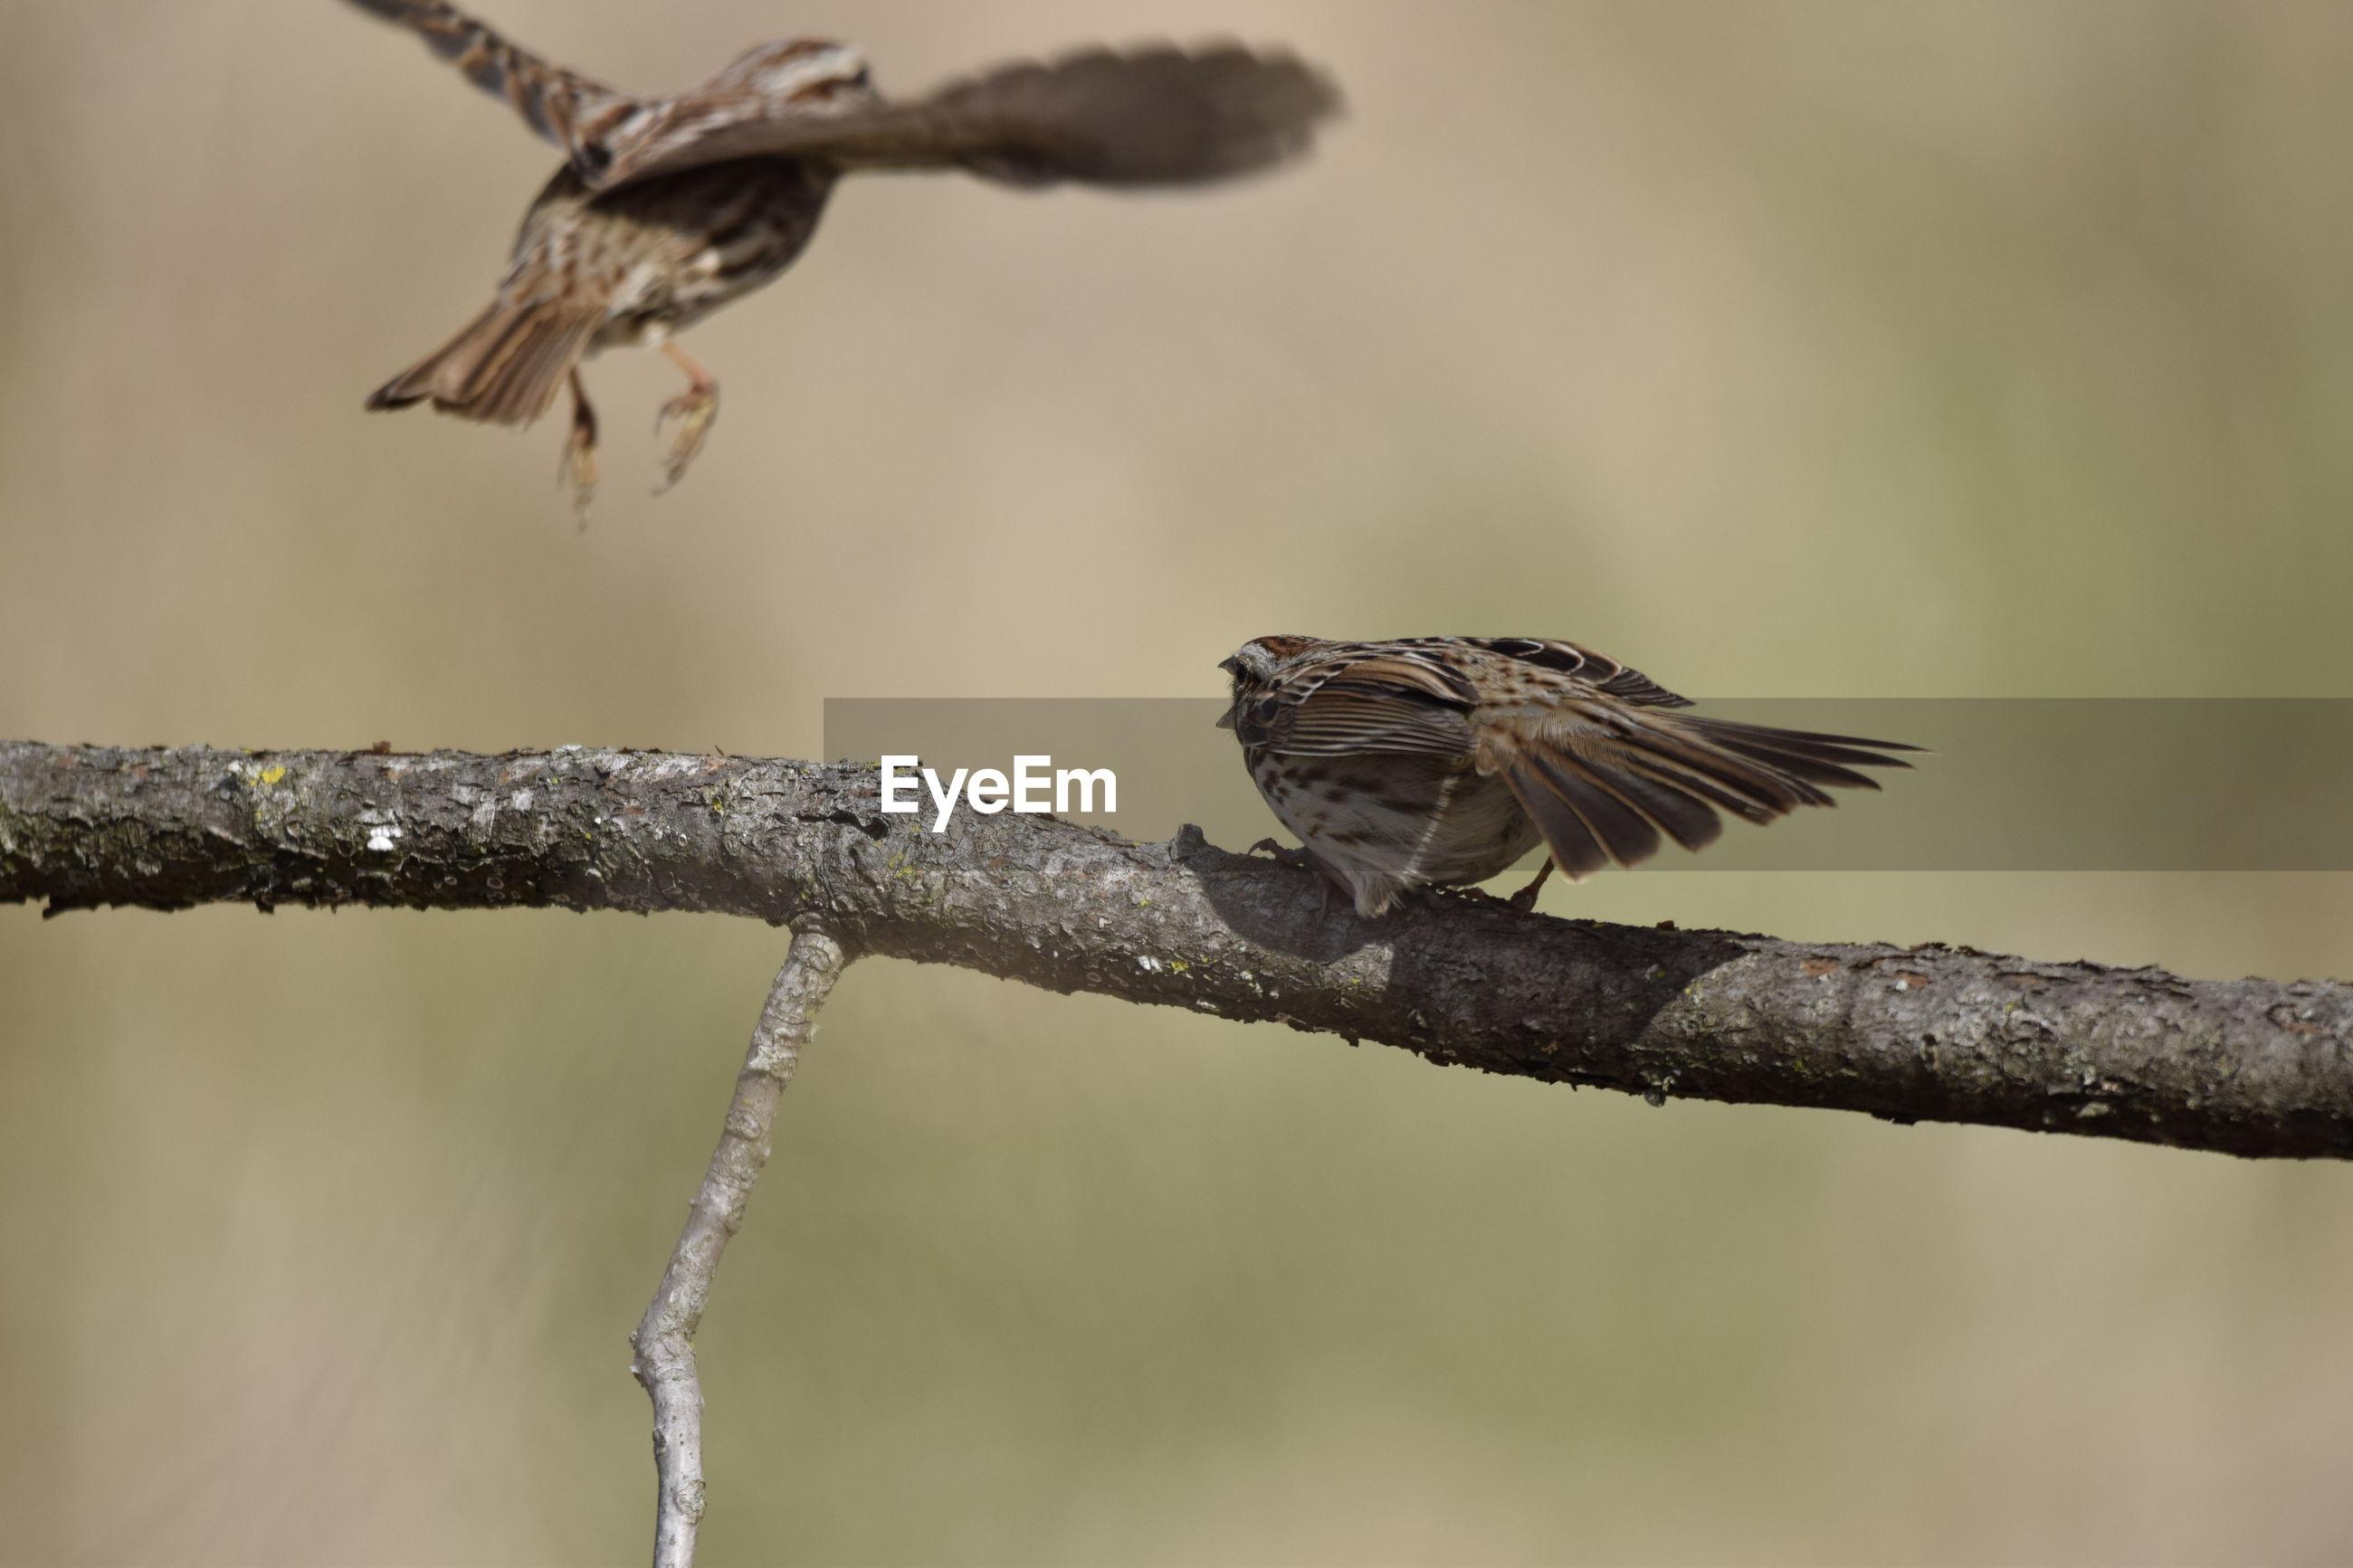 BIRD FLYING OVER BRANCH